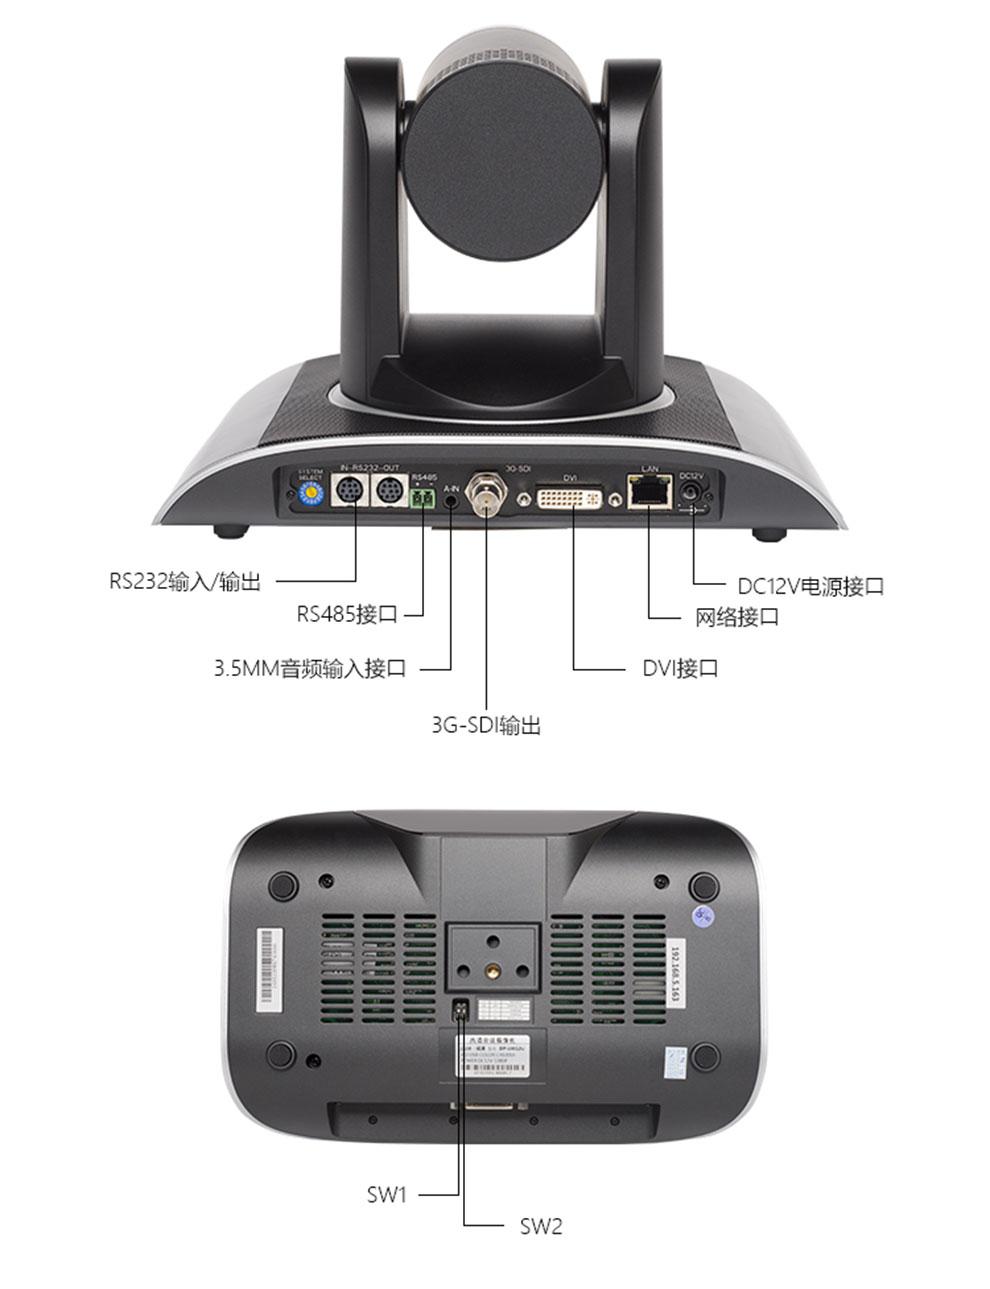 会议摄像机DP-UW20U产品展示